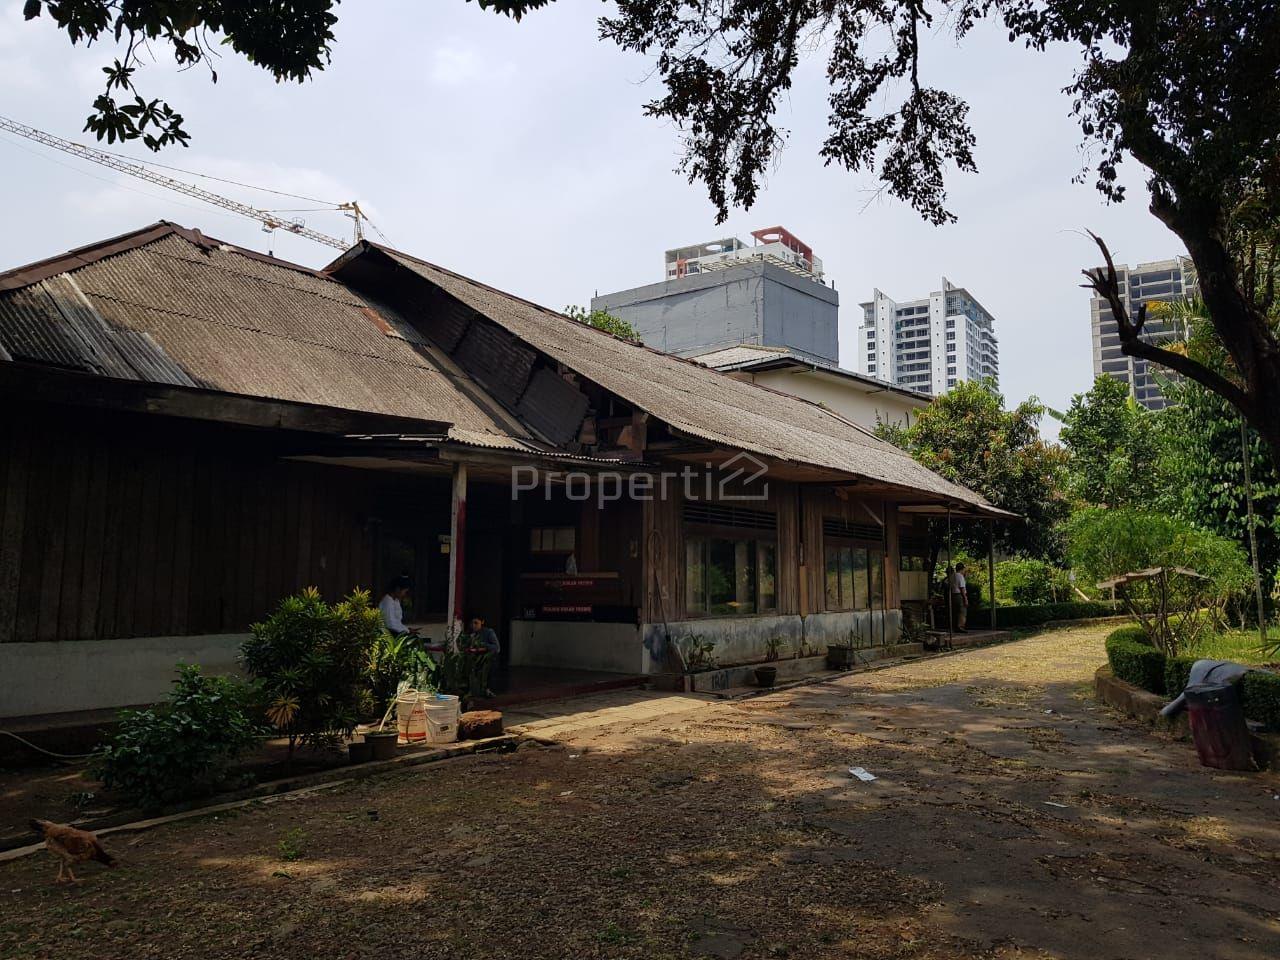 Lahan Komersial di Fatmawati, Jakarta Selatan